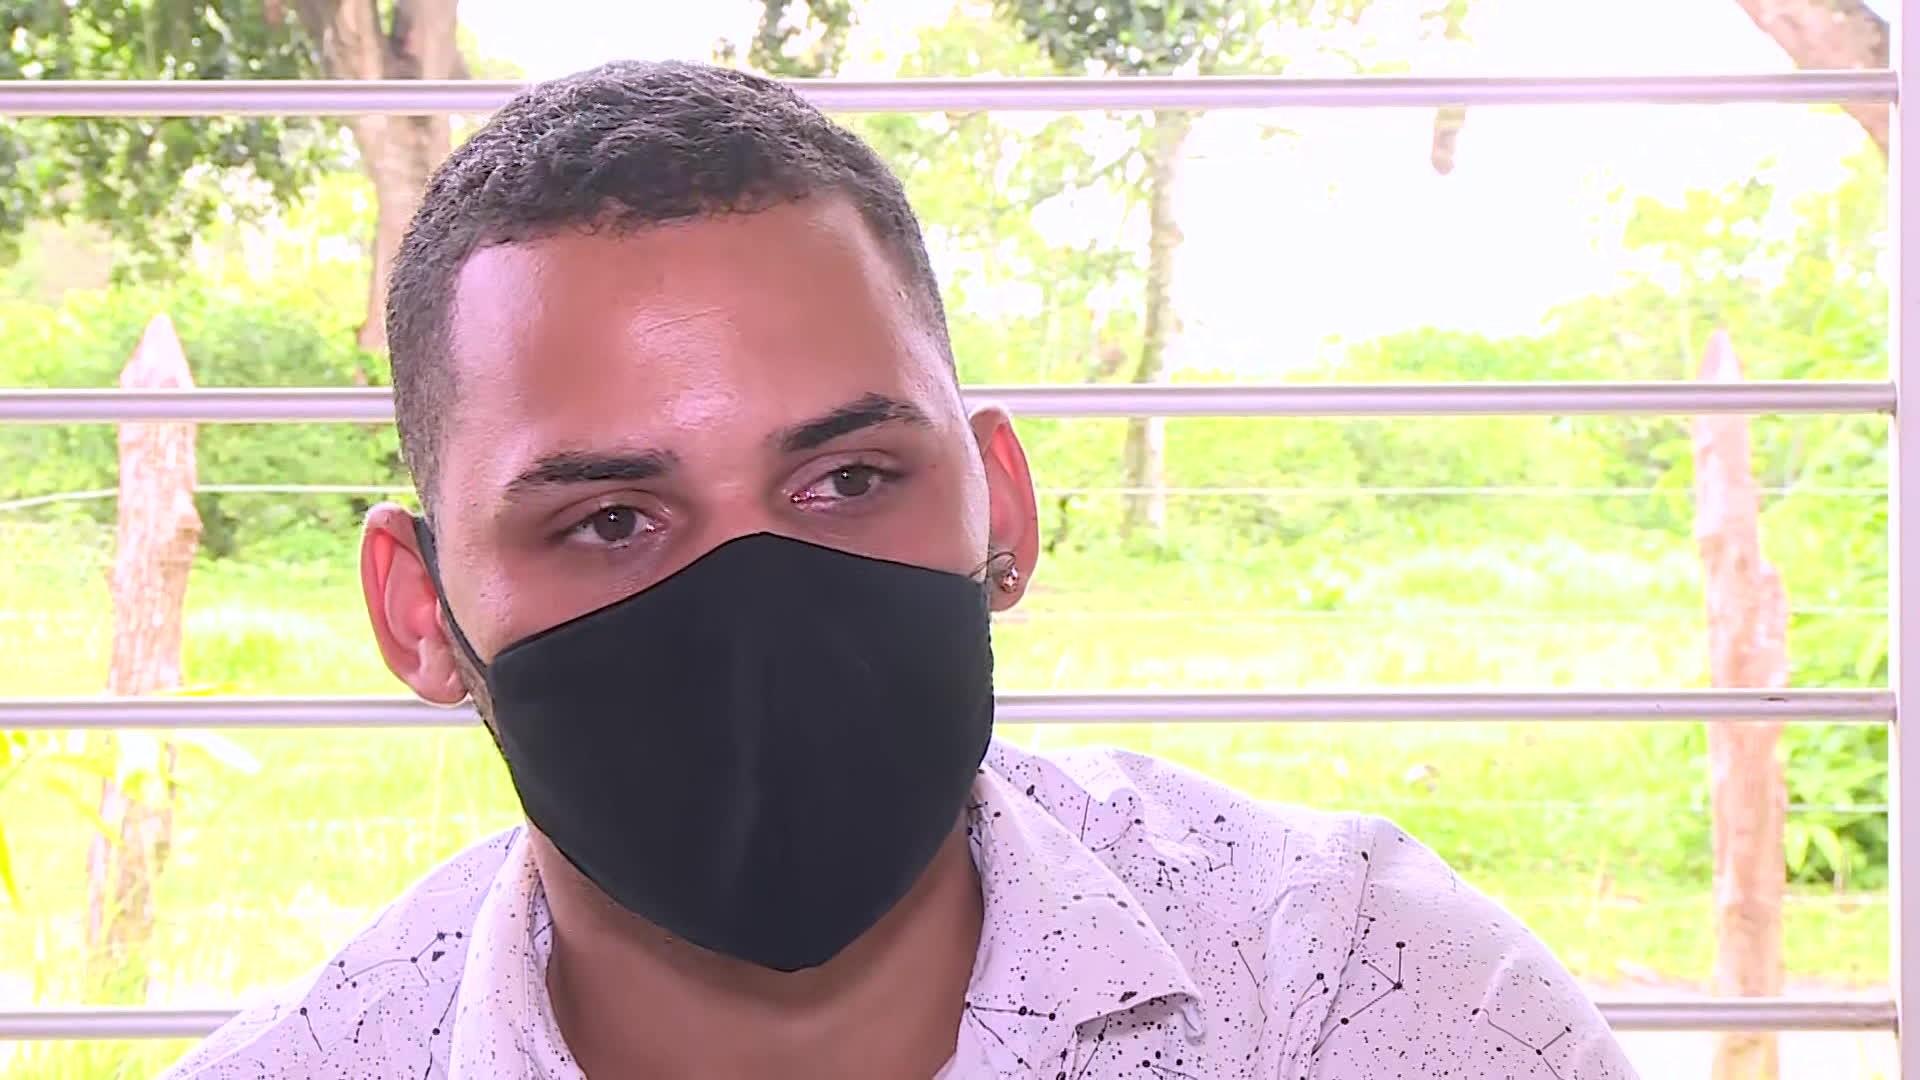 'Foi desespero porque não me pagaram, estava com as coisas faltando em casa', diz homem filmado danificando hospital